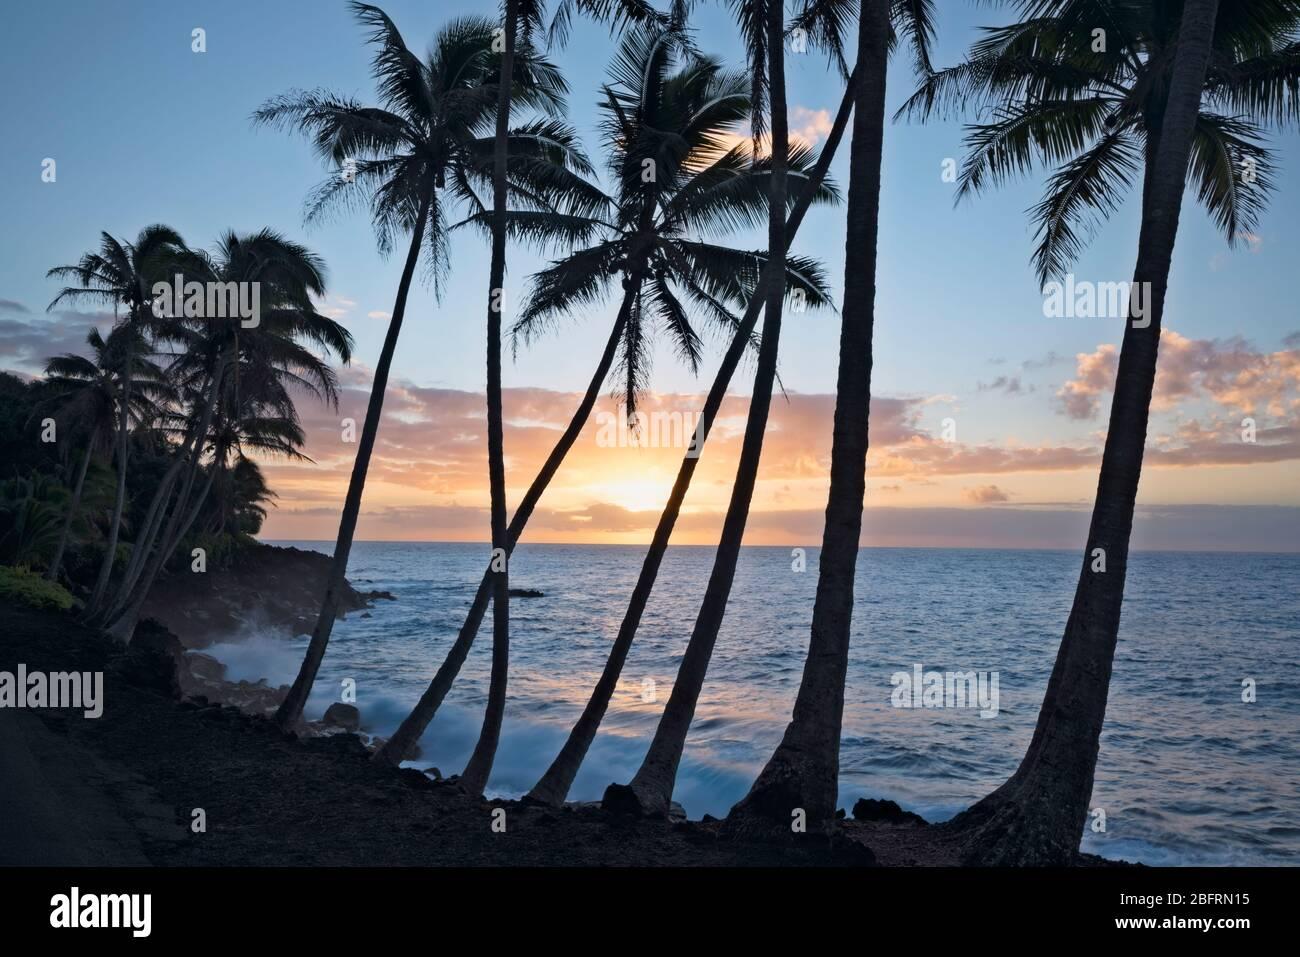 Lever du soleil silhouettes le littoral de Puna borde le palmier sur la Grande île d'Hawaï. Banque D'Images